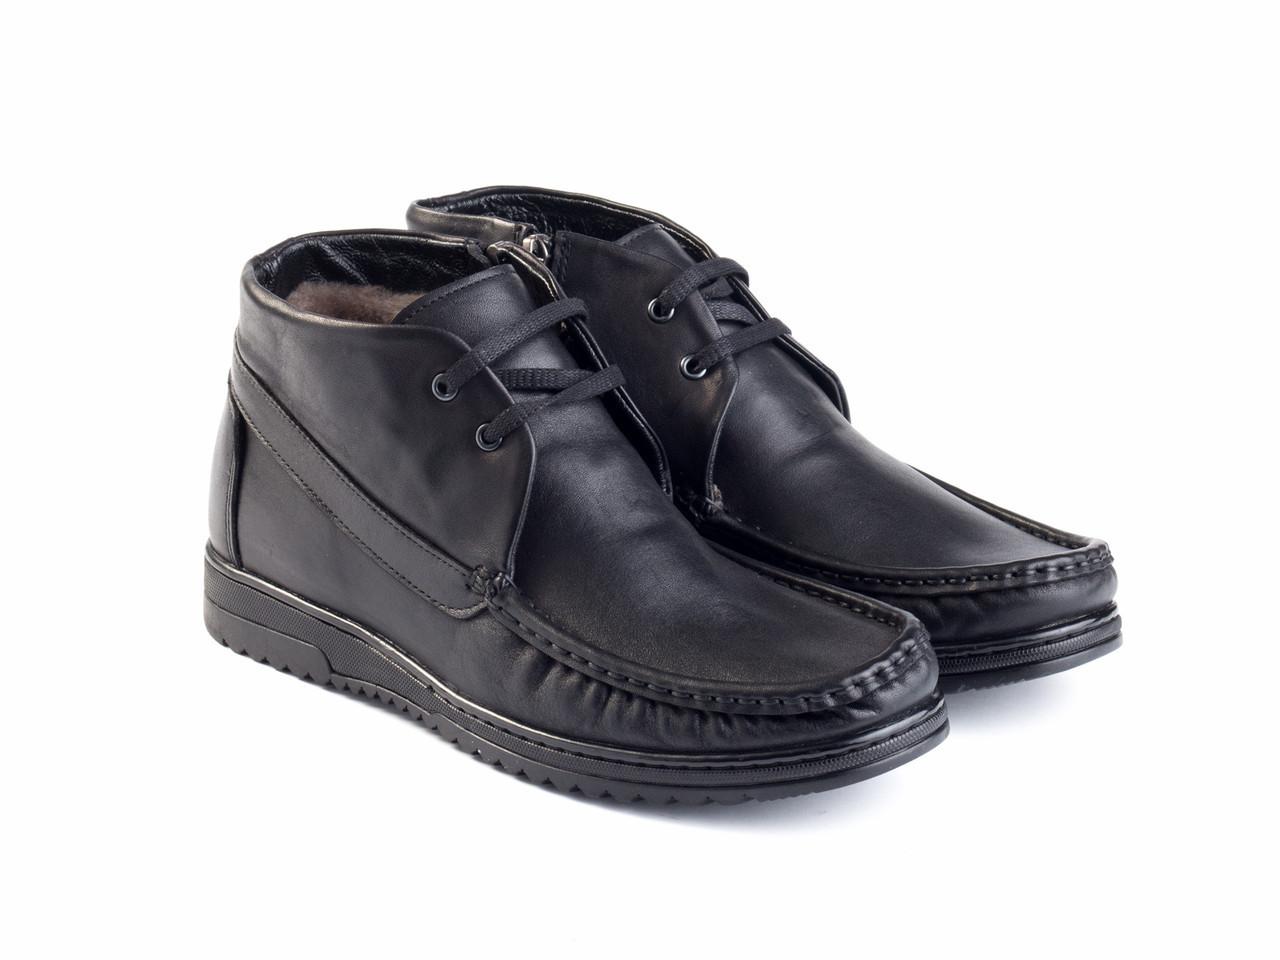 Ботинки Etor 13987-8932 43 черные